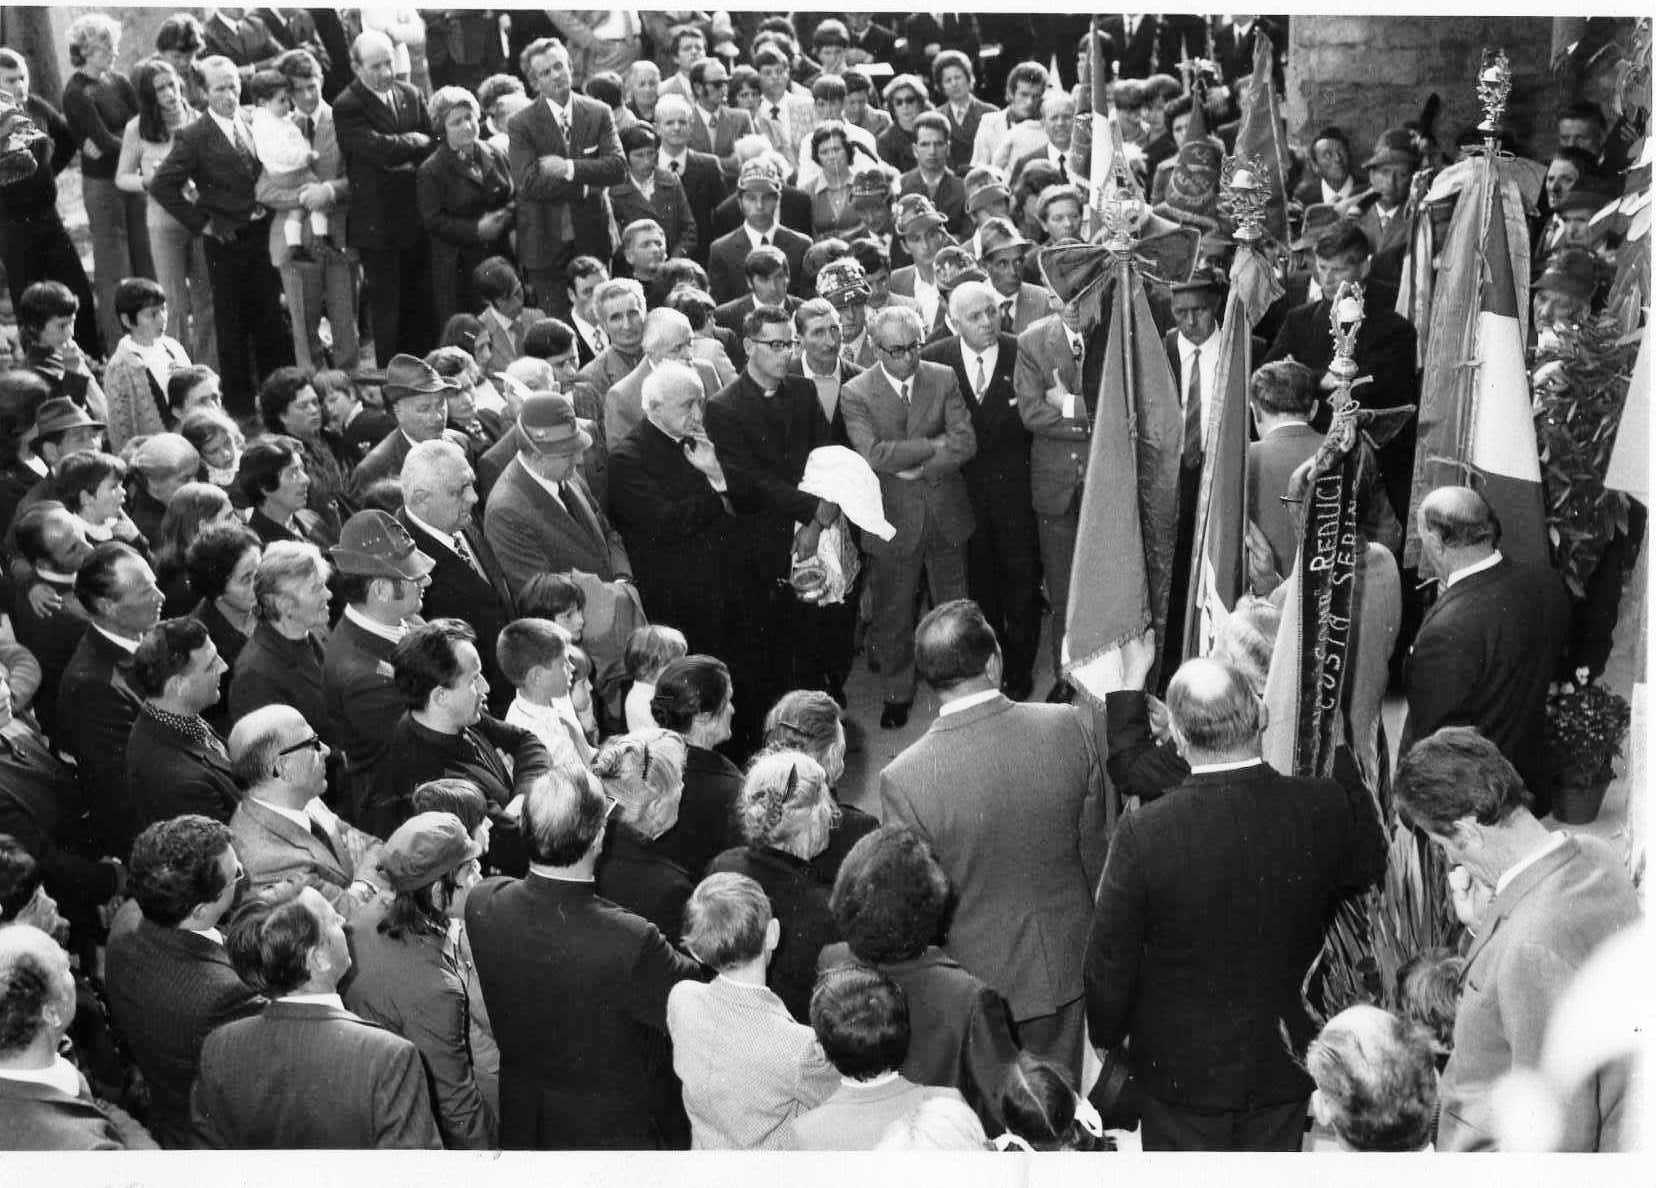 Inaugurazione della targa sulla facciata della casa dove nacquero i 4 combattenti Carrara ad Amora Bassa l'8 ottobre 1972